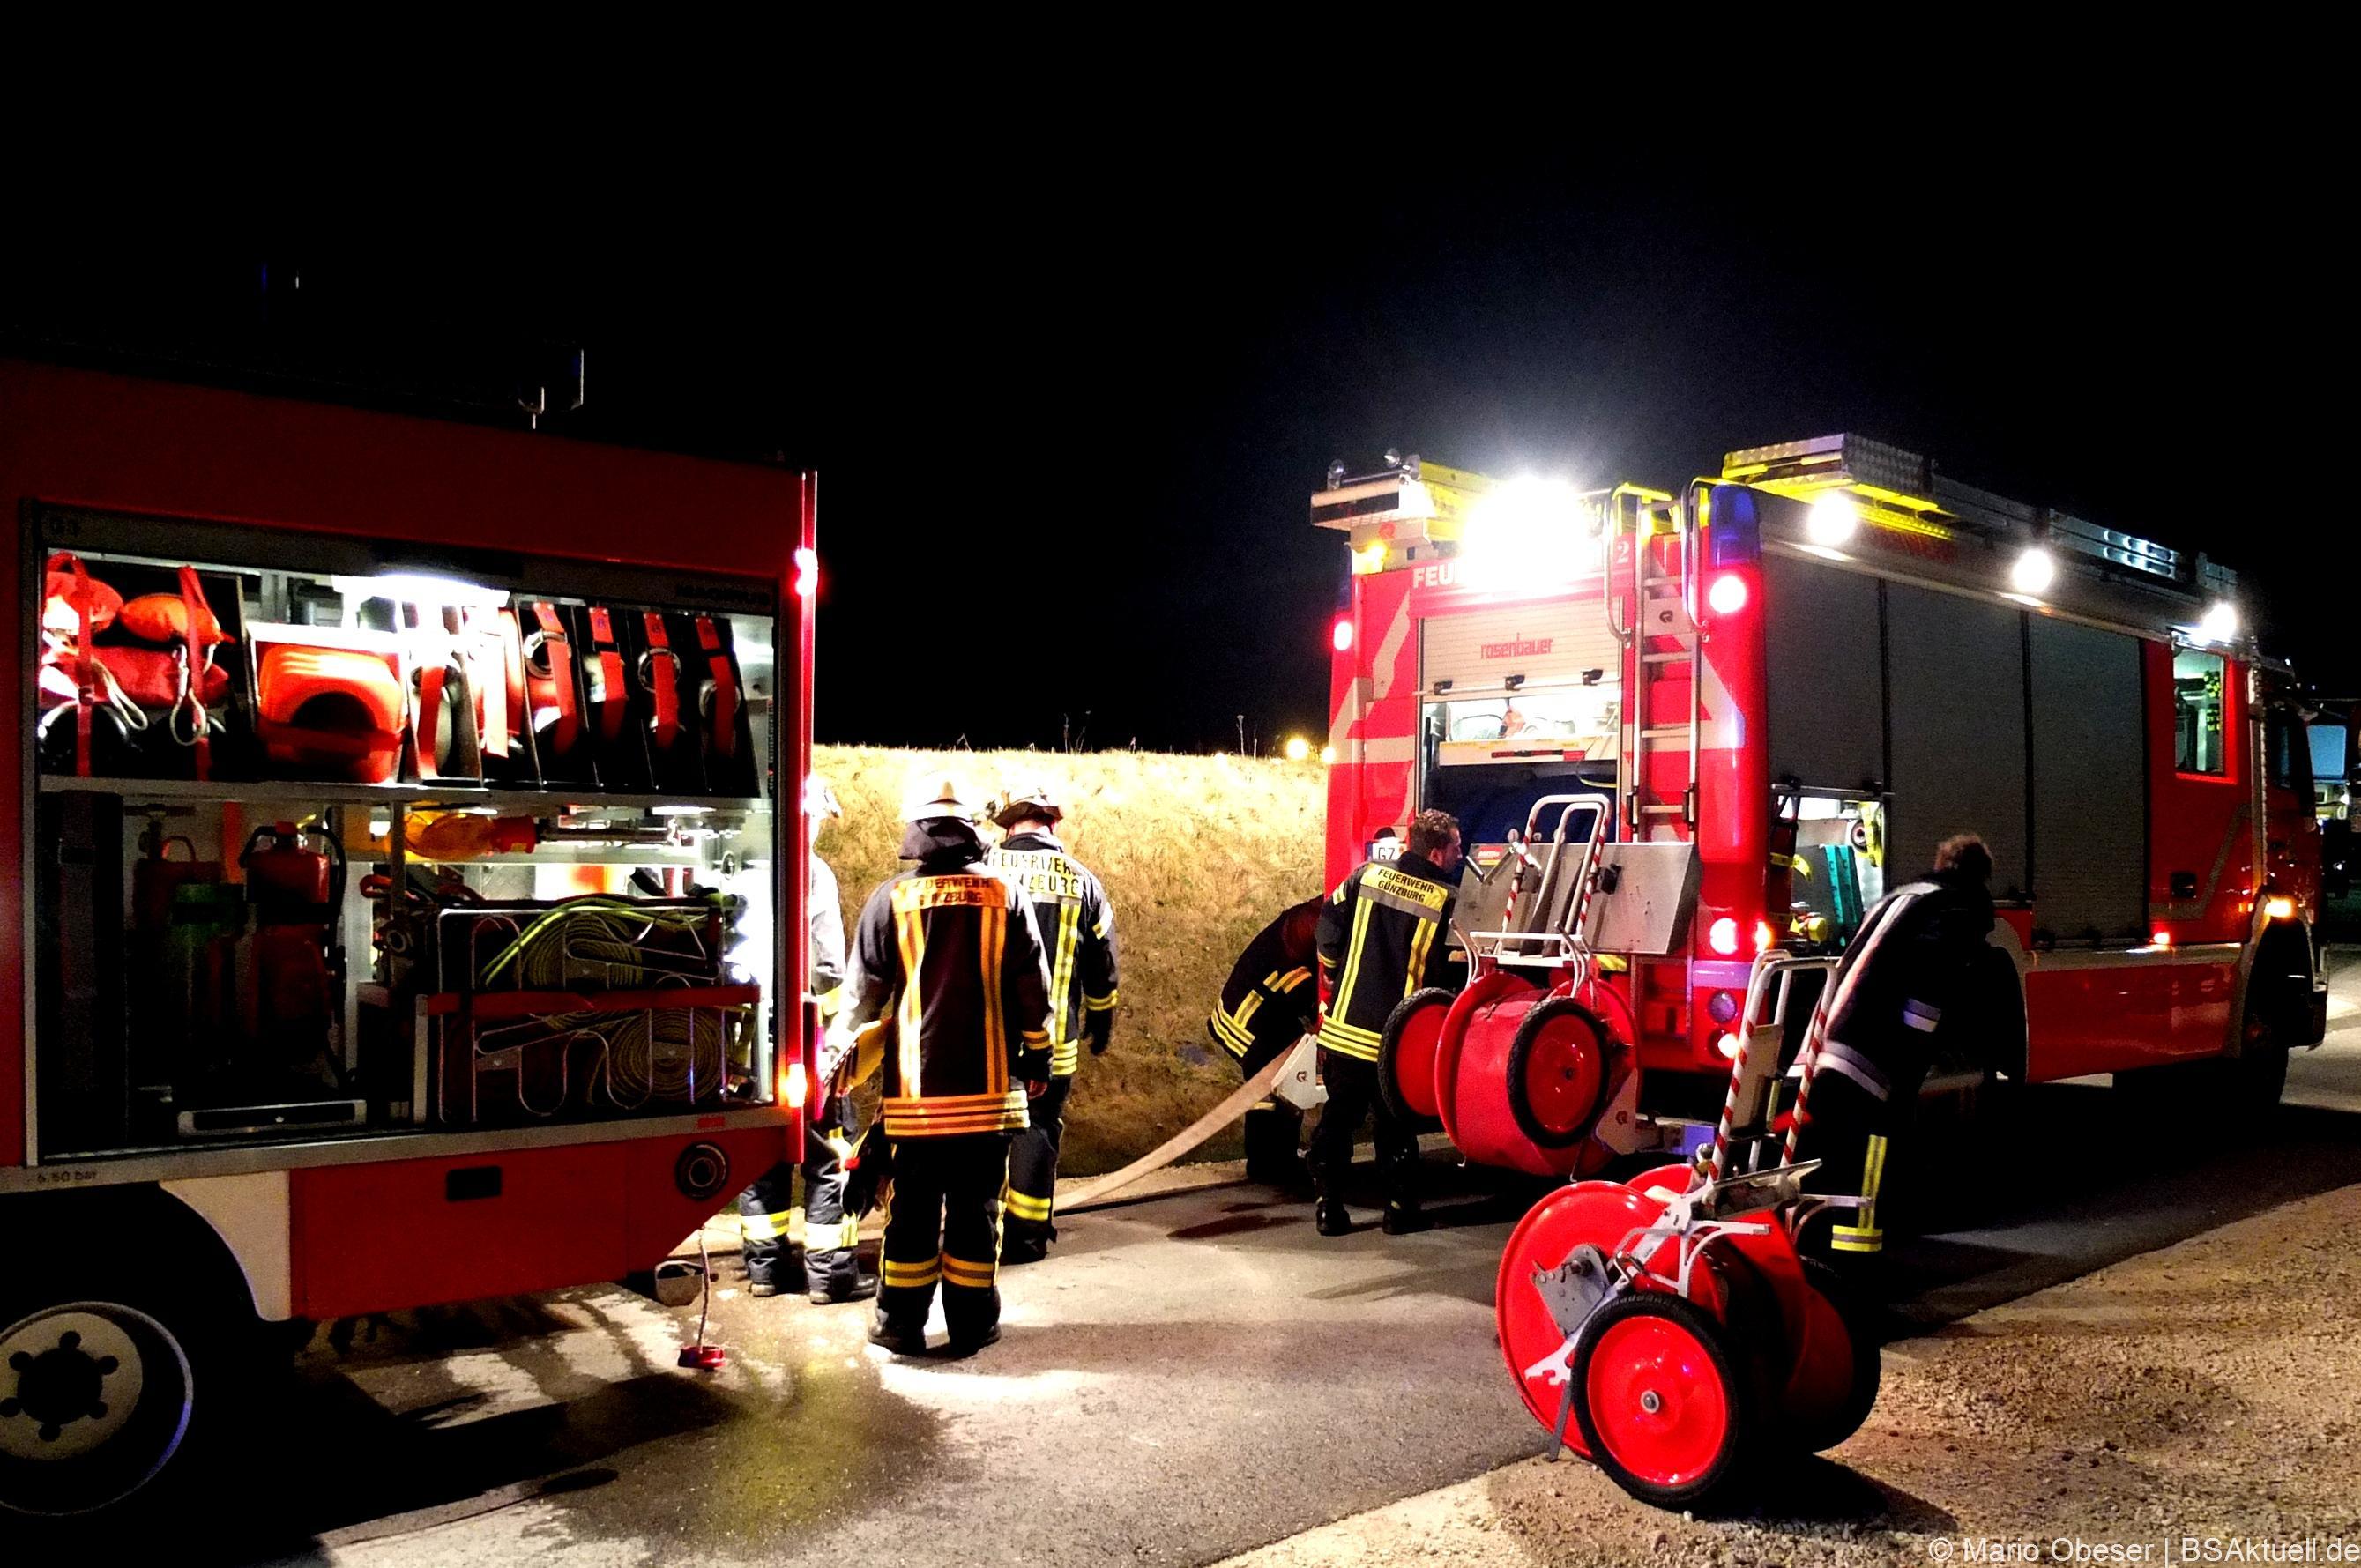 Feuerwehr Günzburg, Feuerwehr Deffingen, Bayerisch Schwaben, Günzbuger Feuerwehren